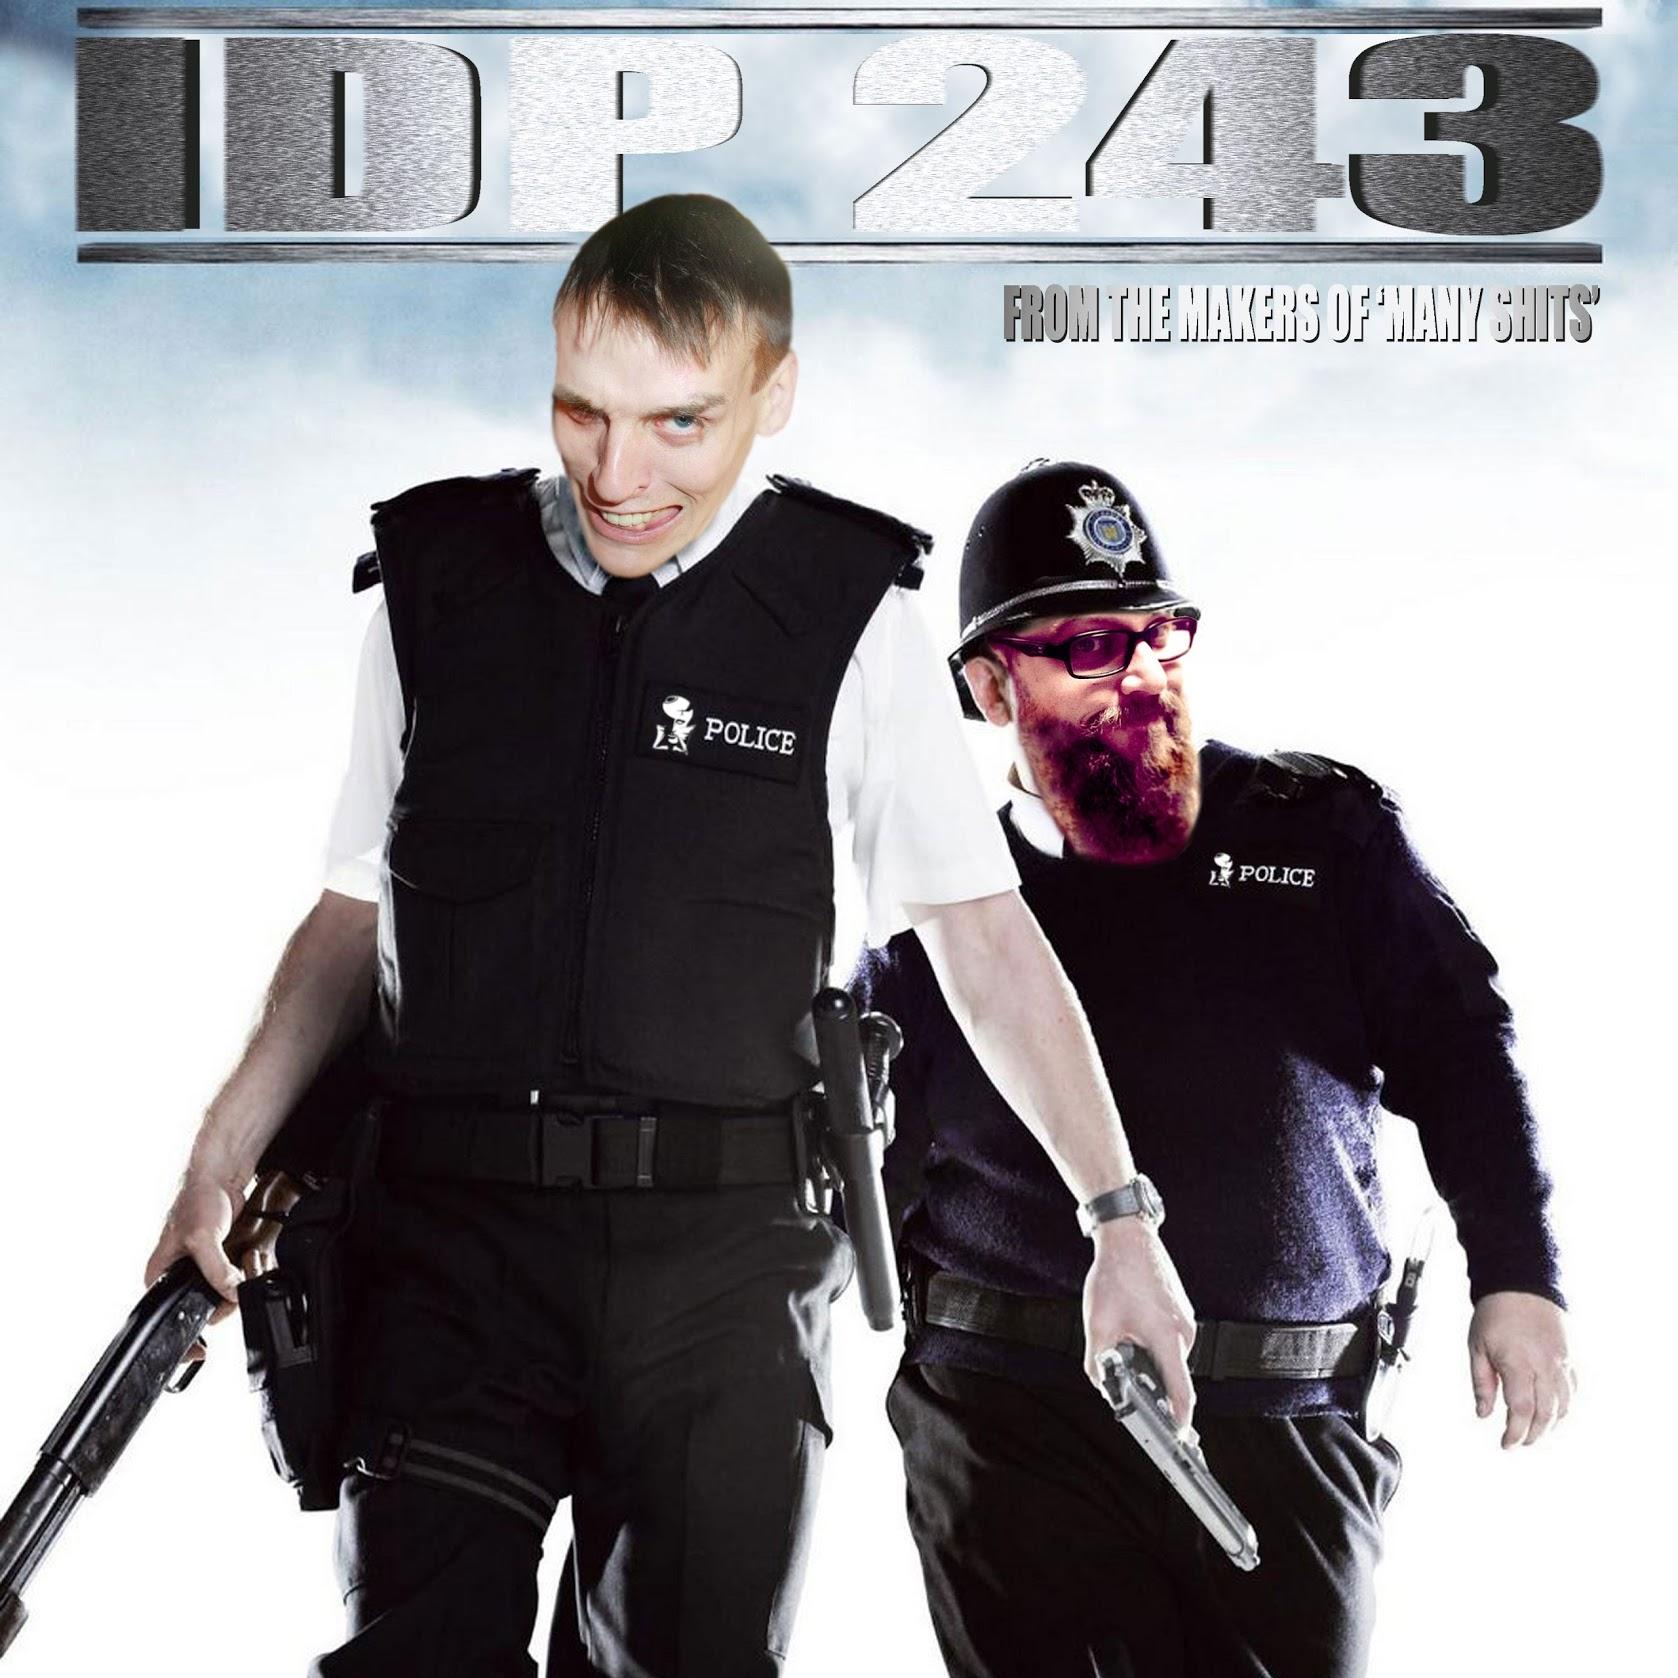 243.jpg